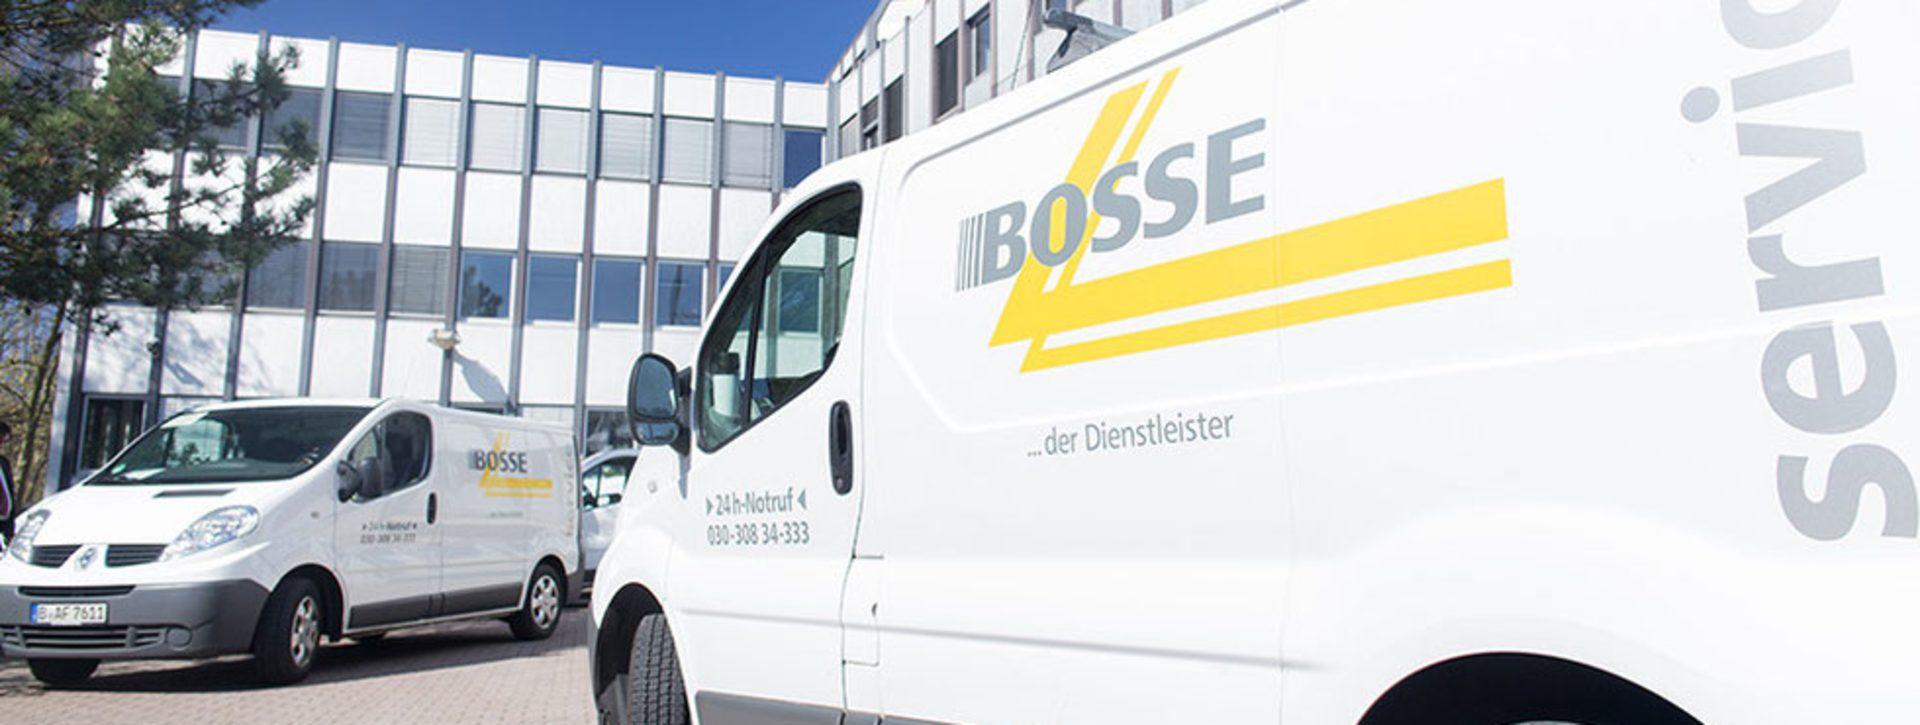 Firmenwagen von der Bosse Facility Service GmbH